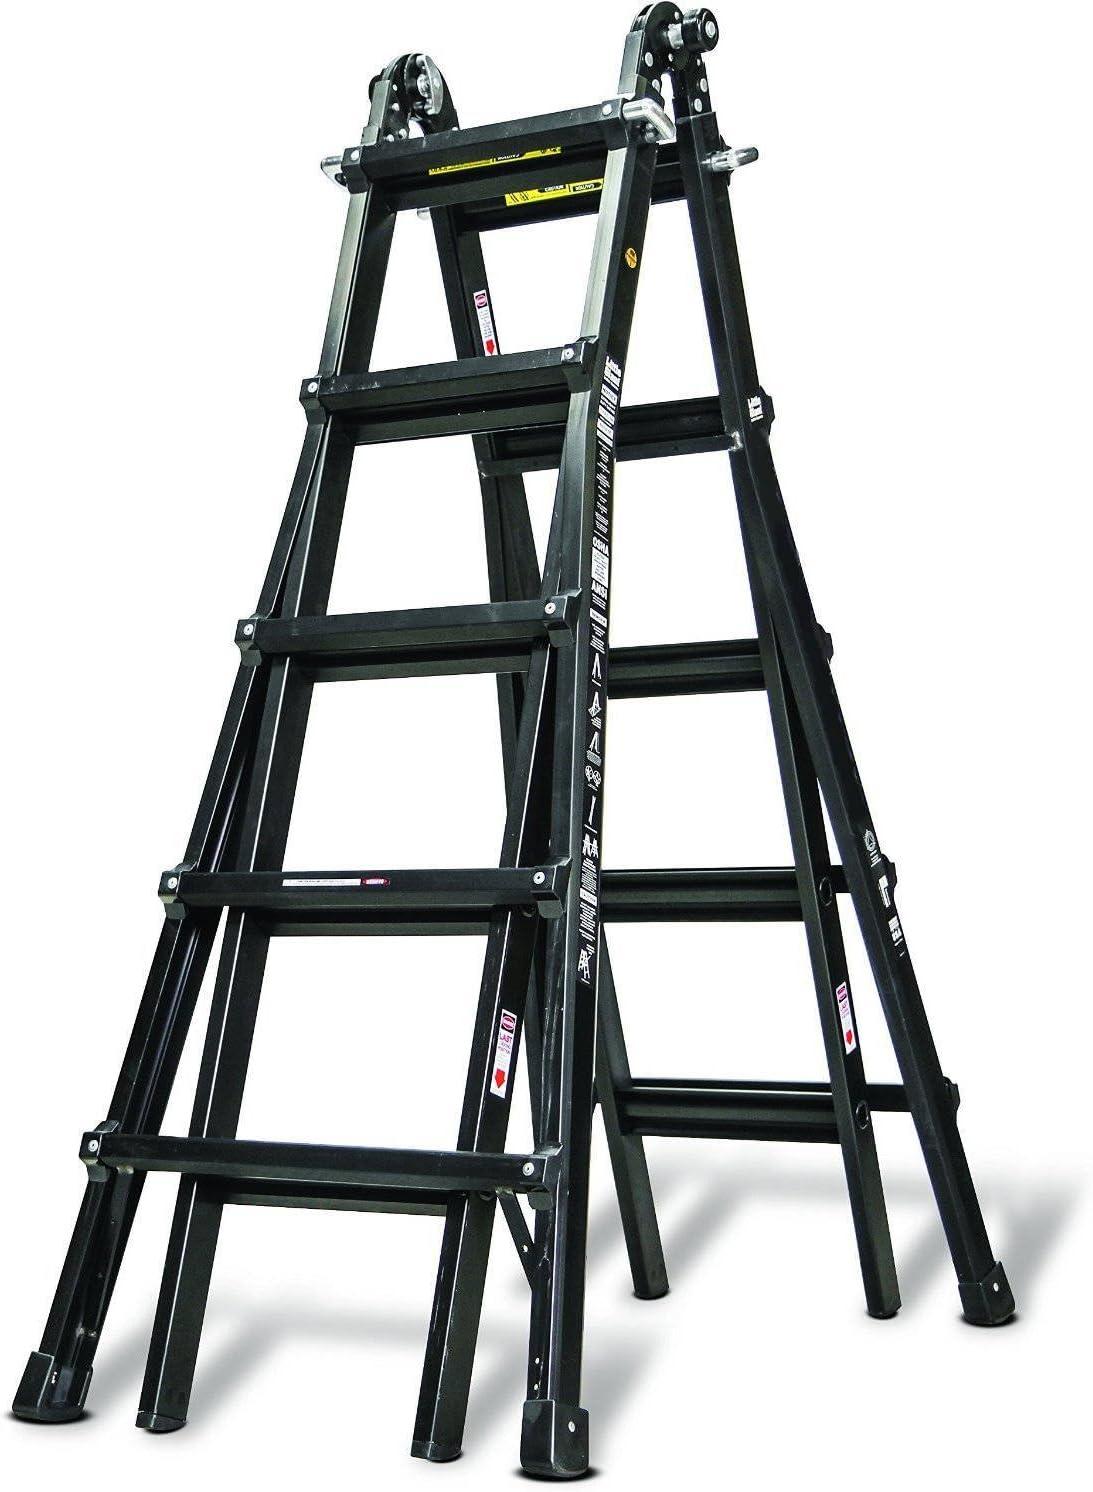 Negro Rhino PRO-LINE Bak N negro escalera de aluminio 22 por poco gigante: Amazon.es: Bricolaje y herramientas